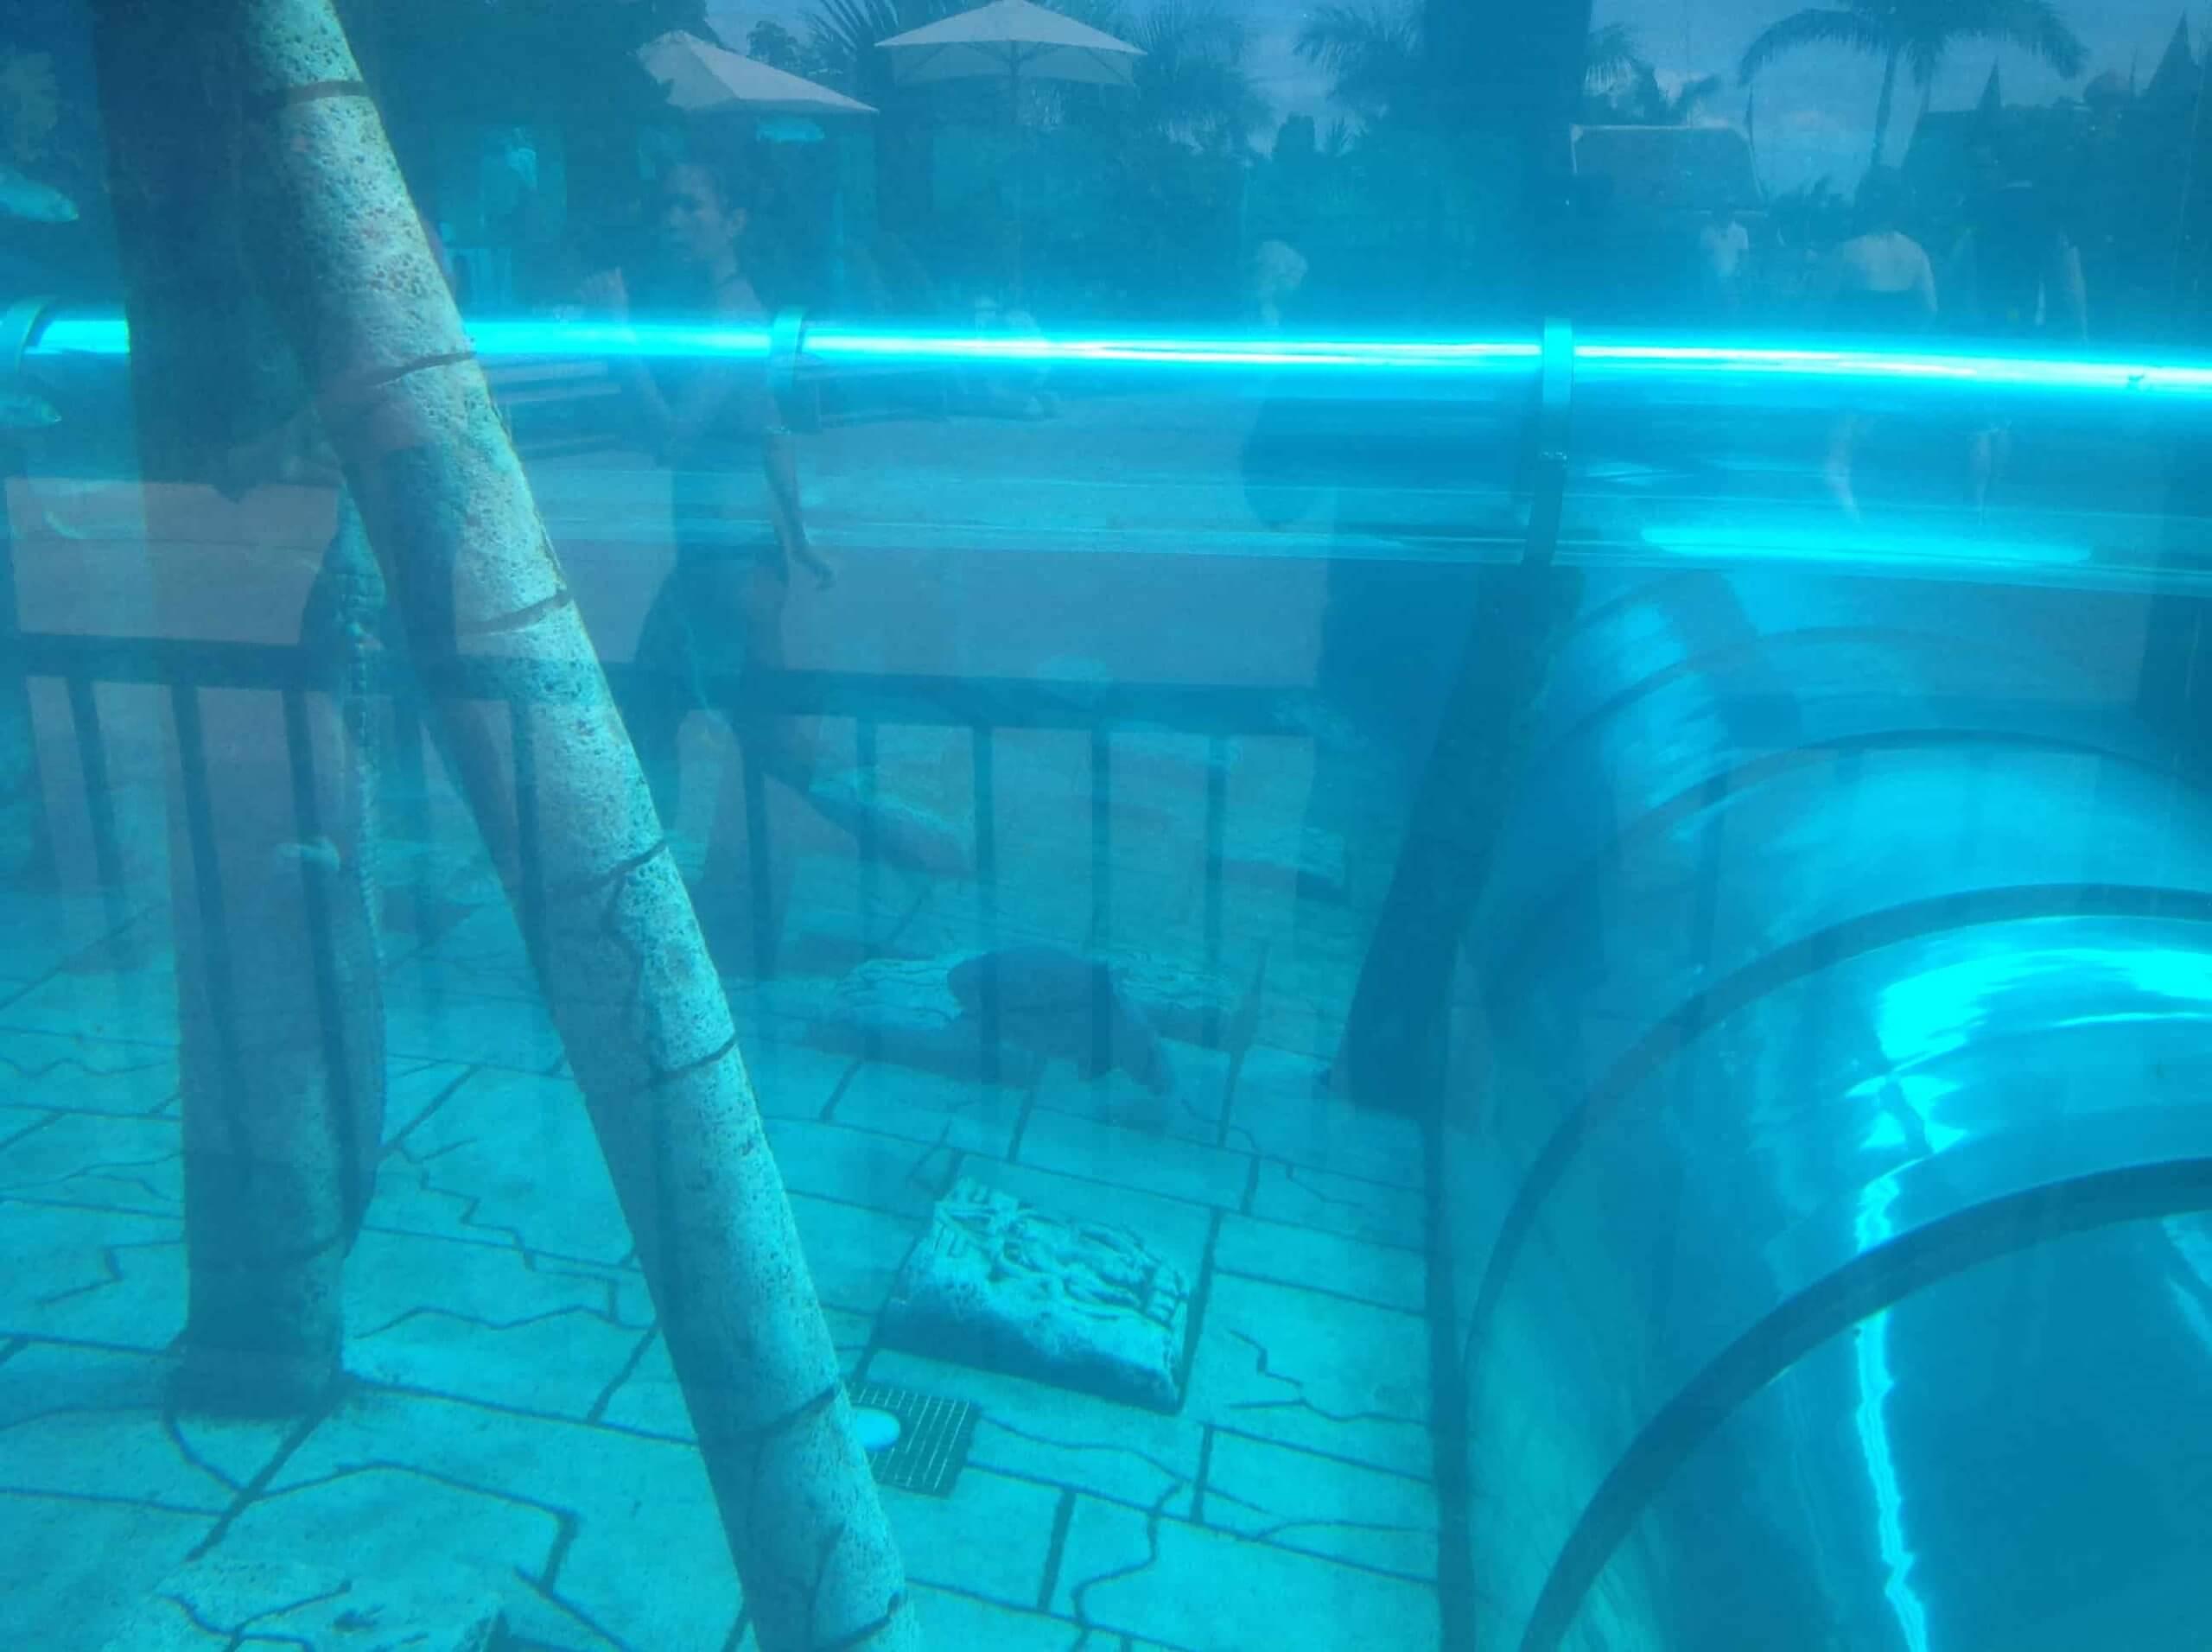 Пролет через тоннель с акулами в Сиам Парке - фото